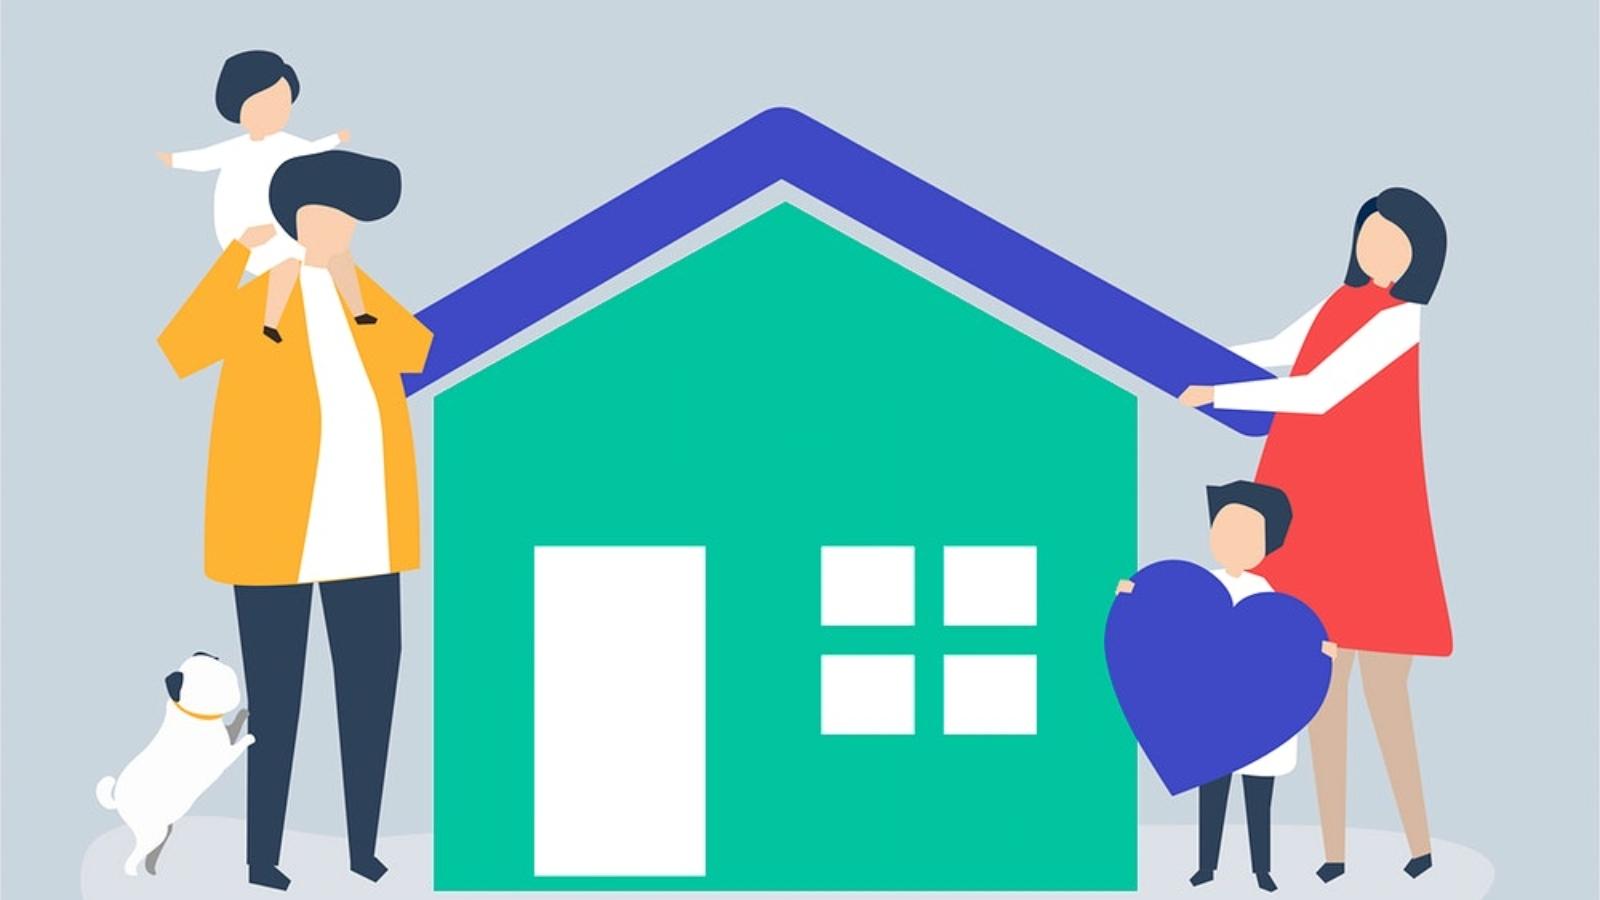 Entenda o conceito de storytelling e descubra como contar histórias pode ajudá-lo a maximizar os resultados de vendas no mercado imobiliário.